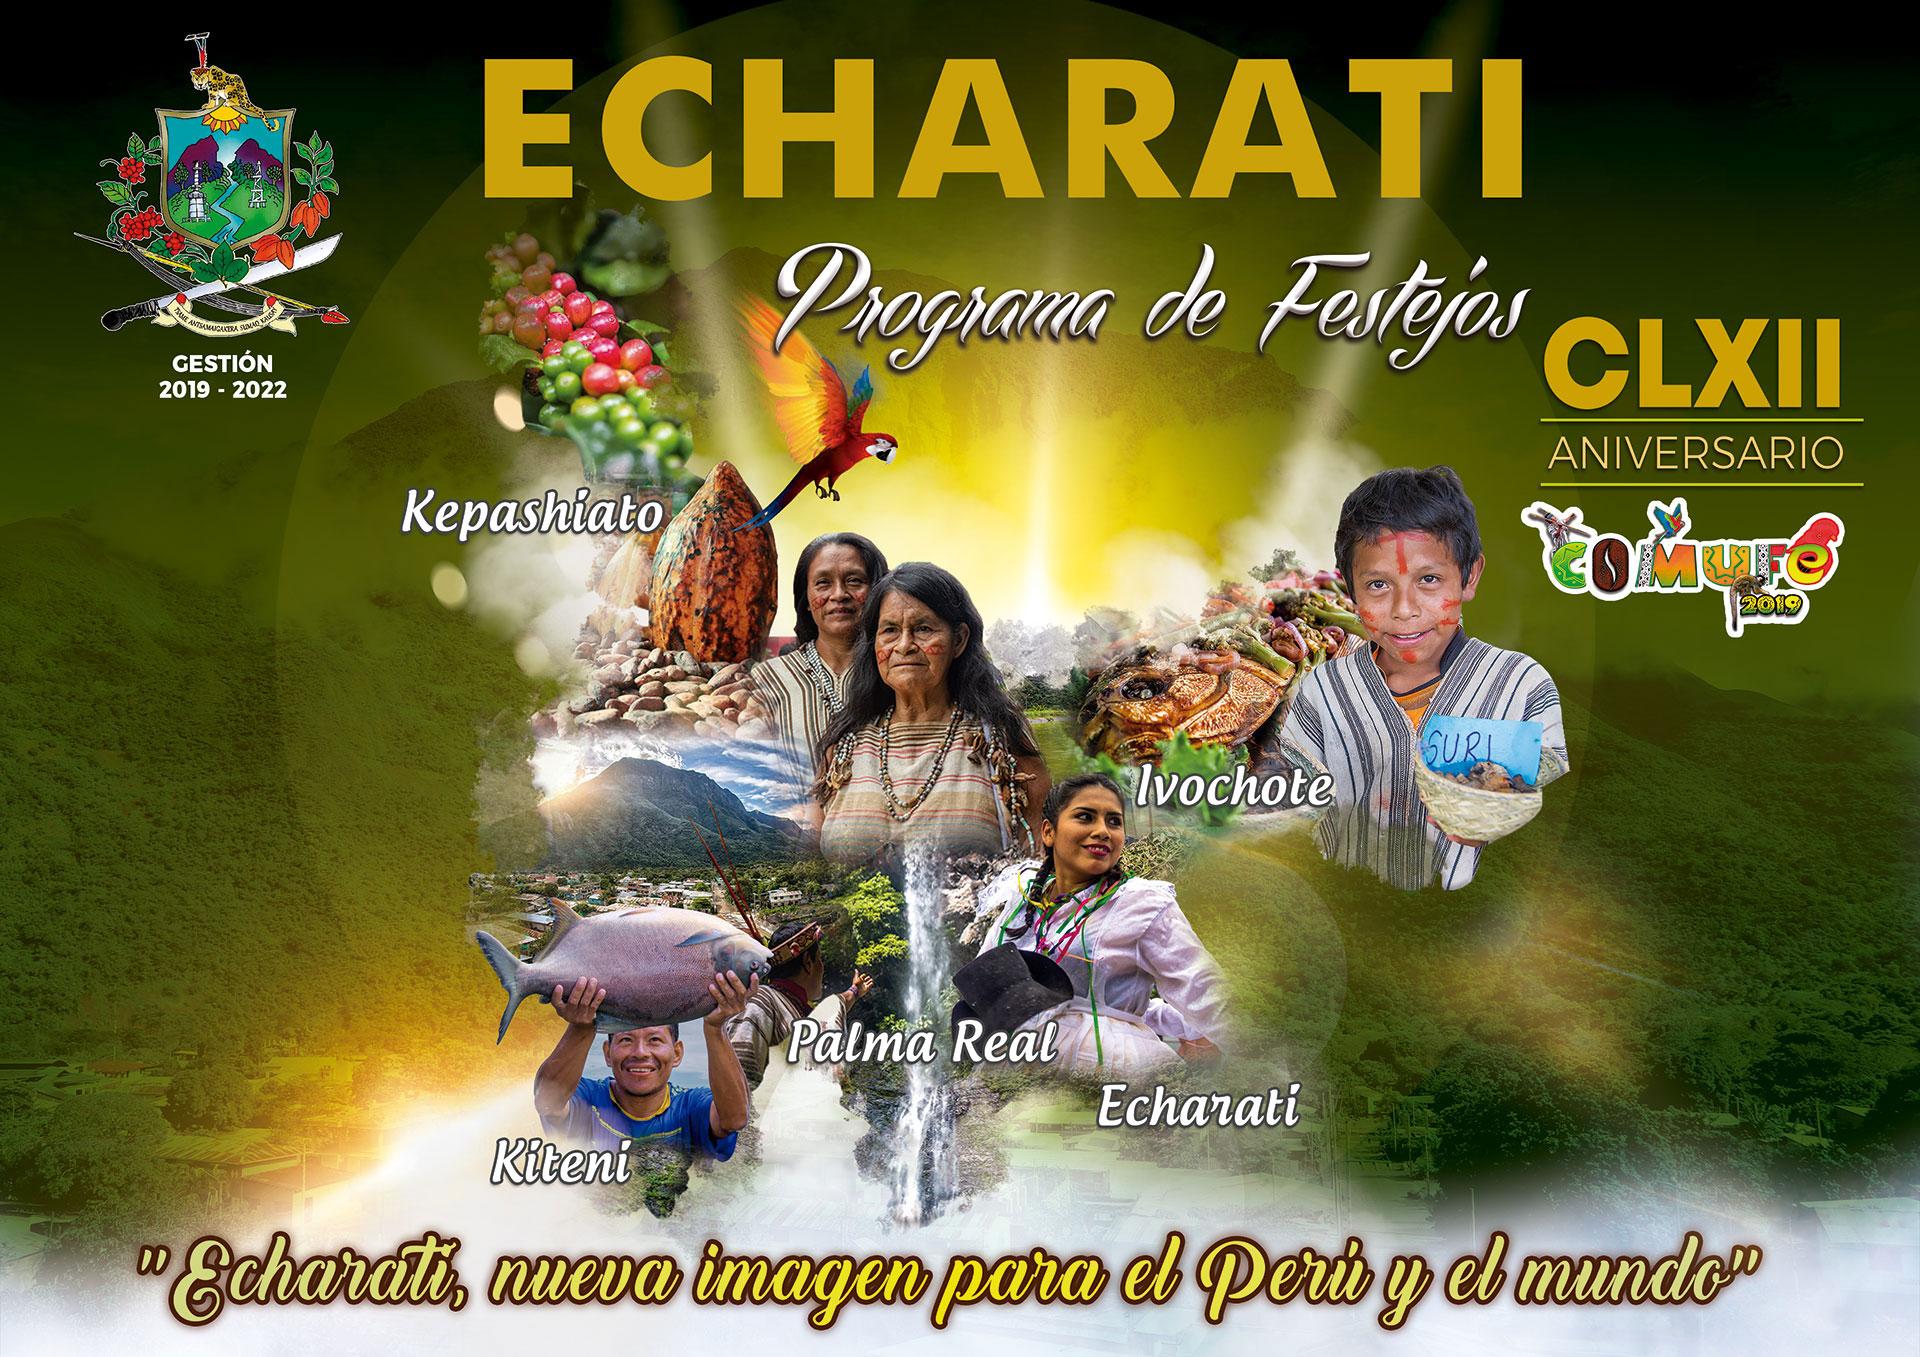 Programa de Festejos Echarati 2019